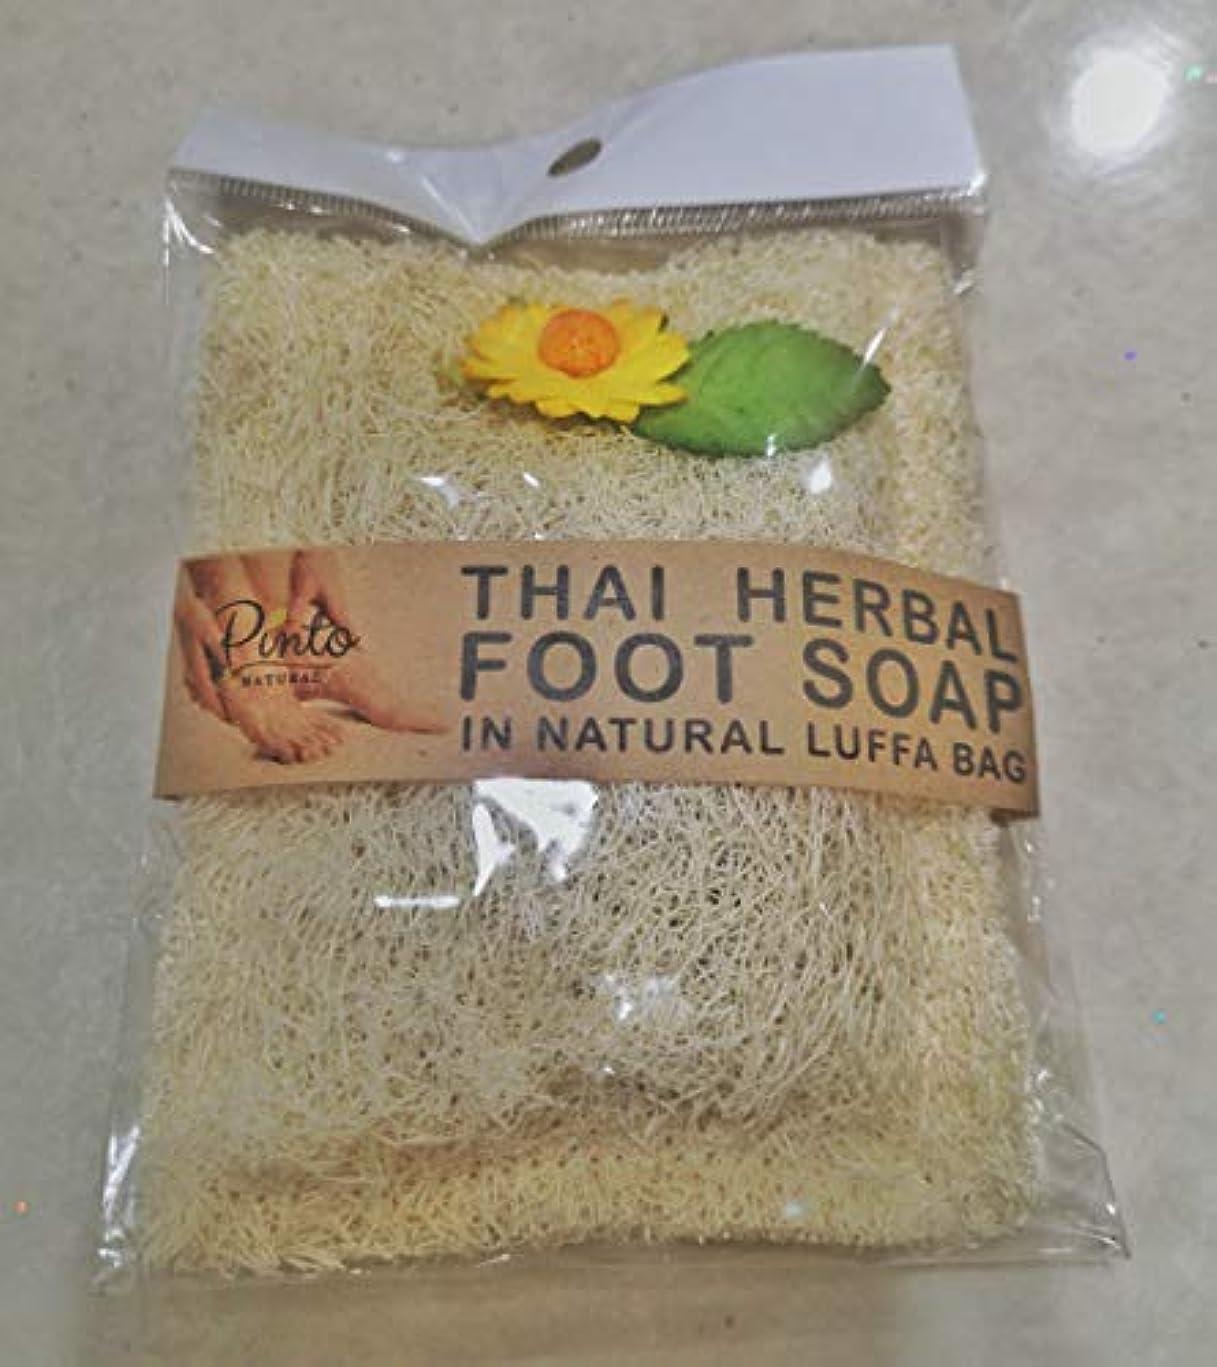 フラグラントこしょう算術1 PC THAI HERBAL FOOT SOAP WITH NATURAL LUFFA BAG WITH LEMONGRASS SMELL BODY SCRUBB WITH NATURAL FREE SHIPPING